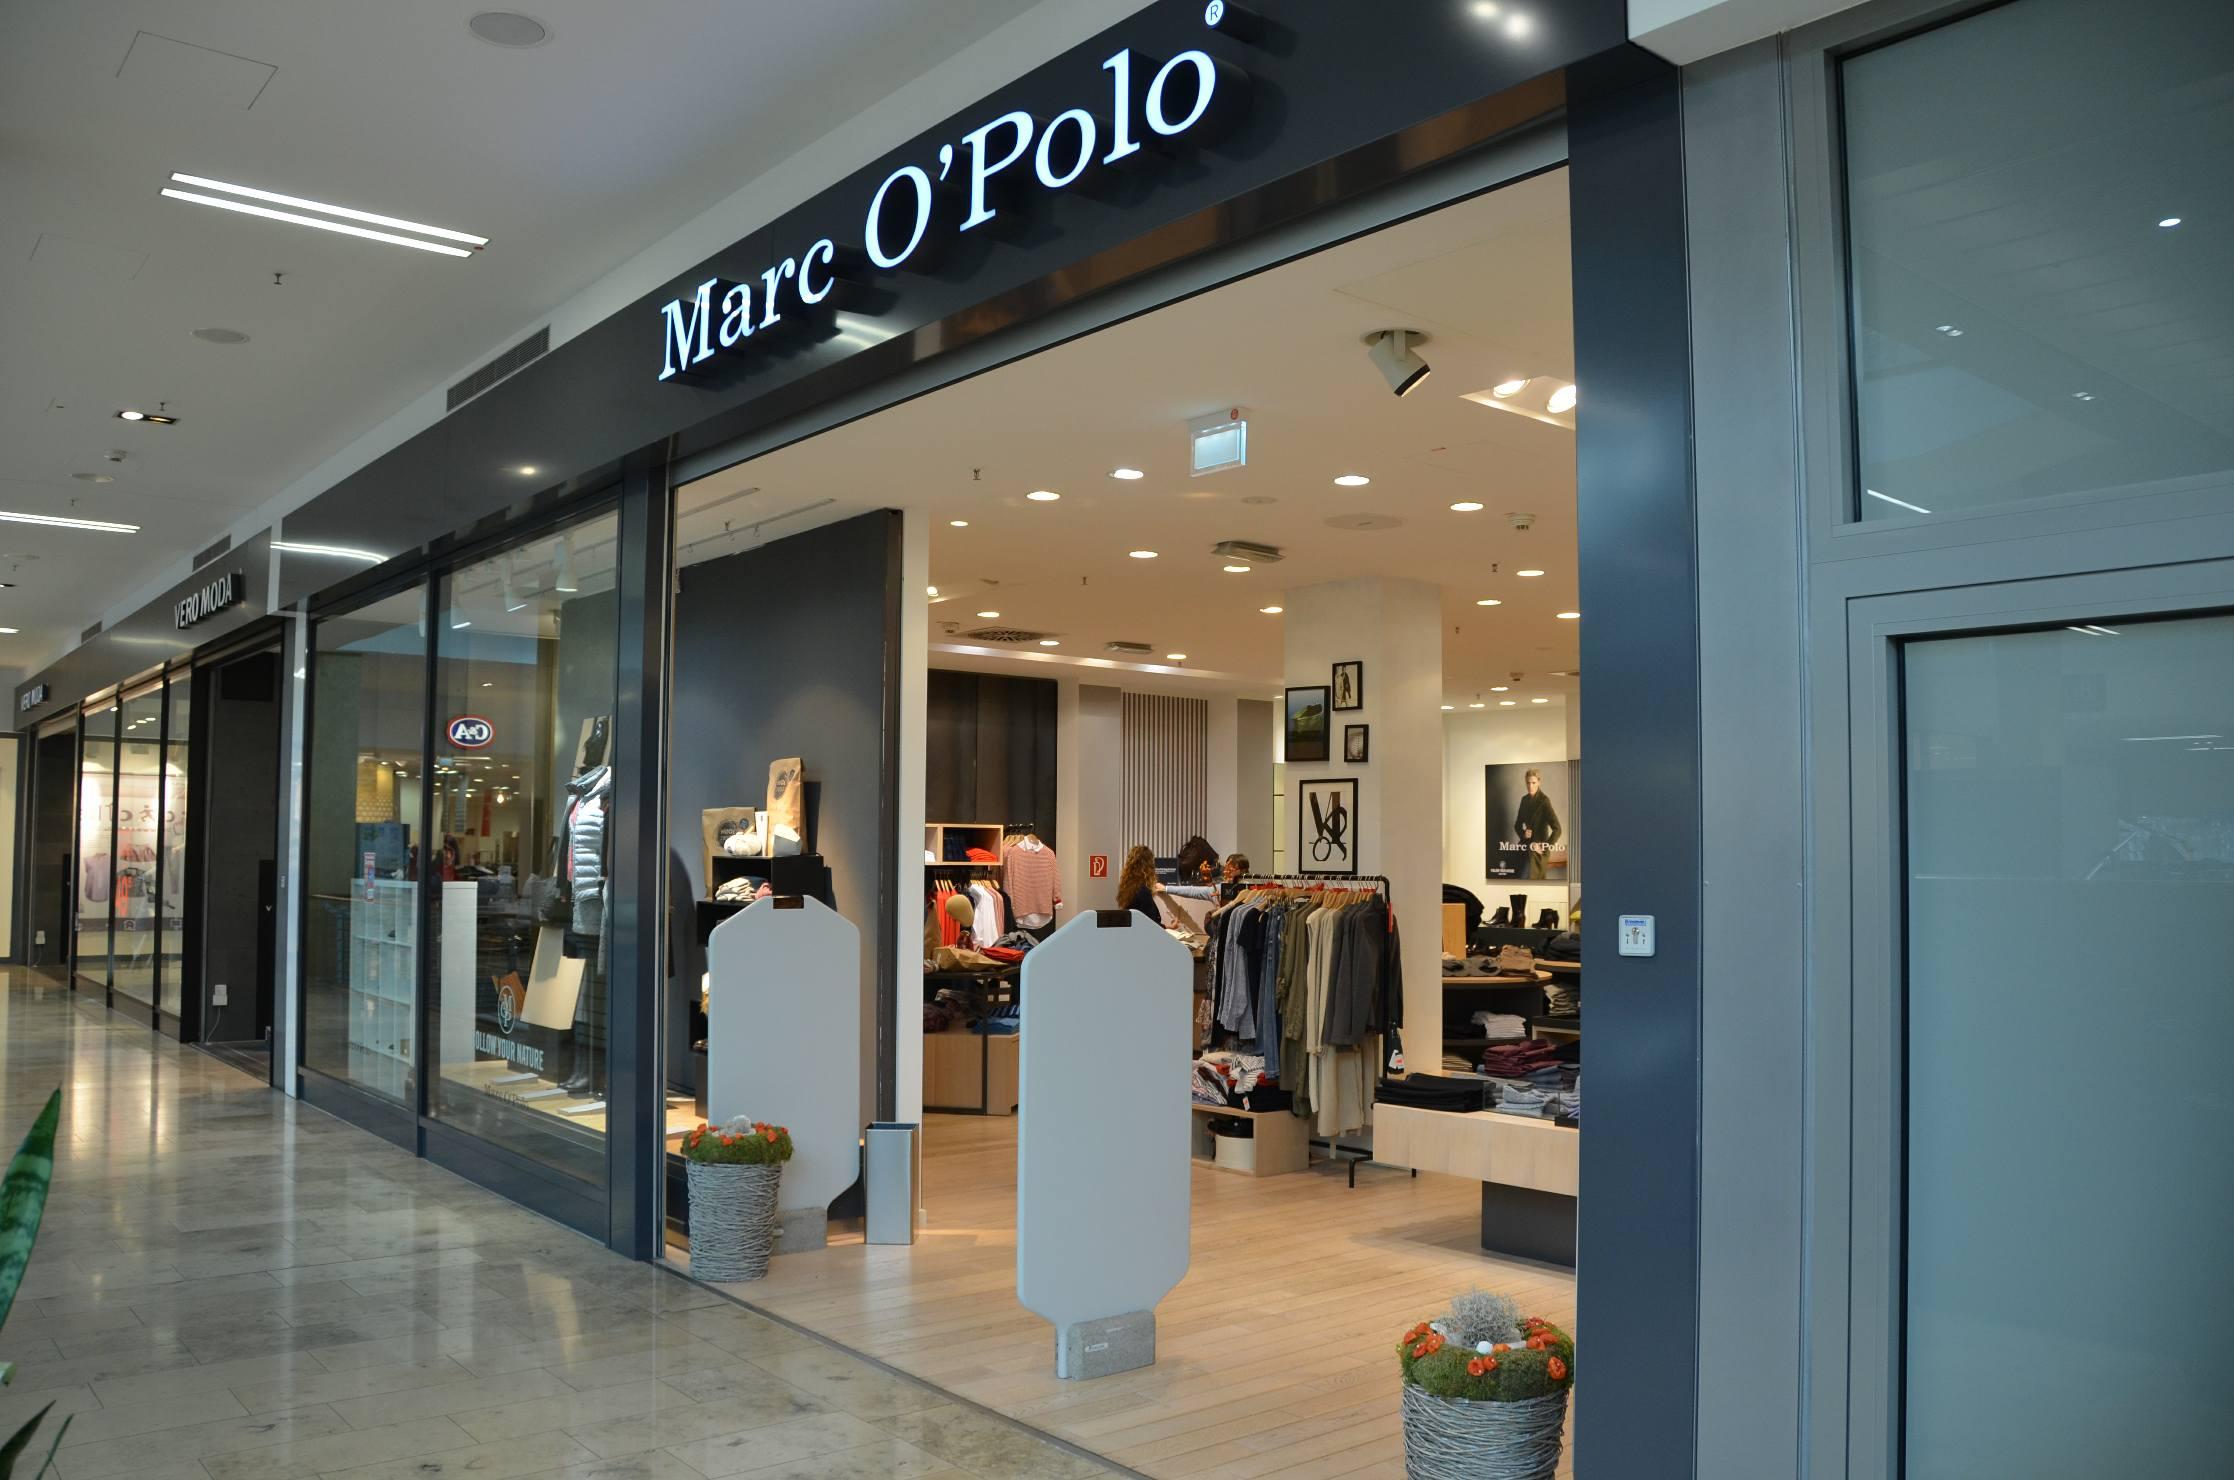 Marcopolo-außen.jpg